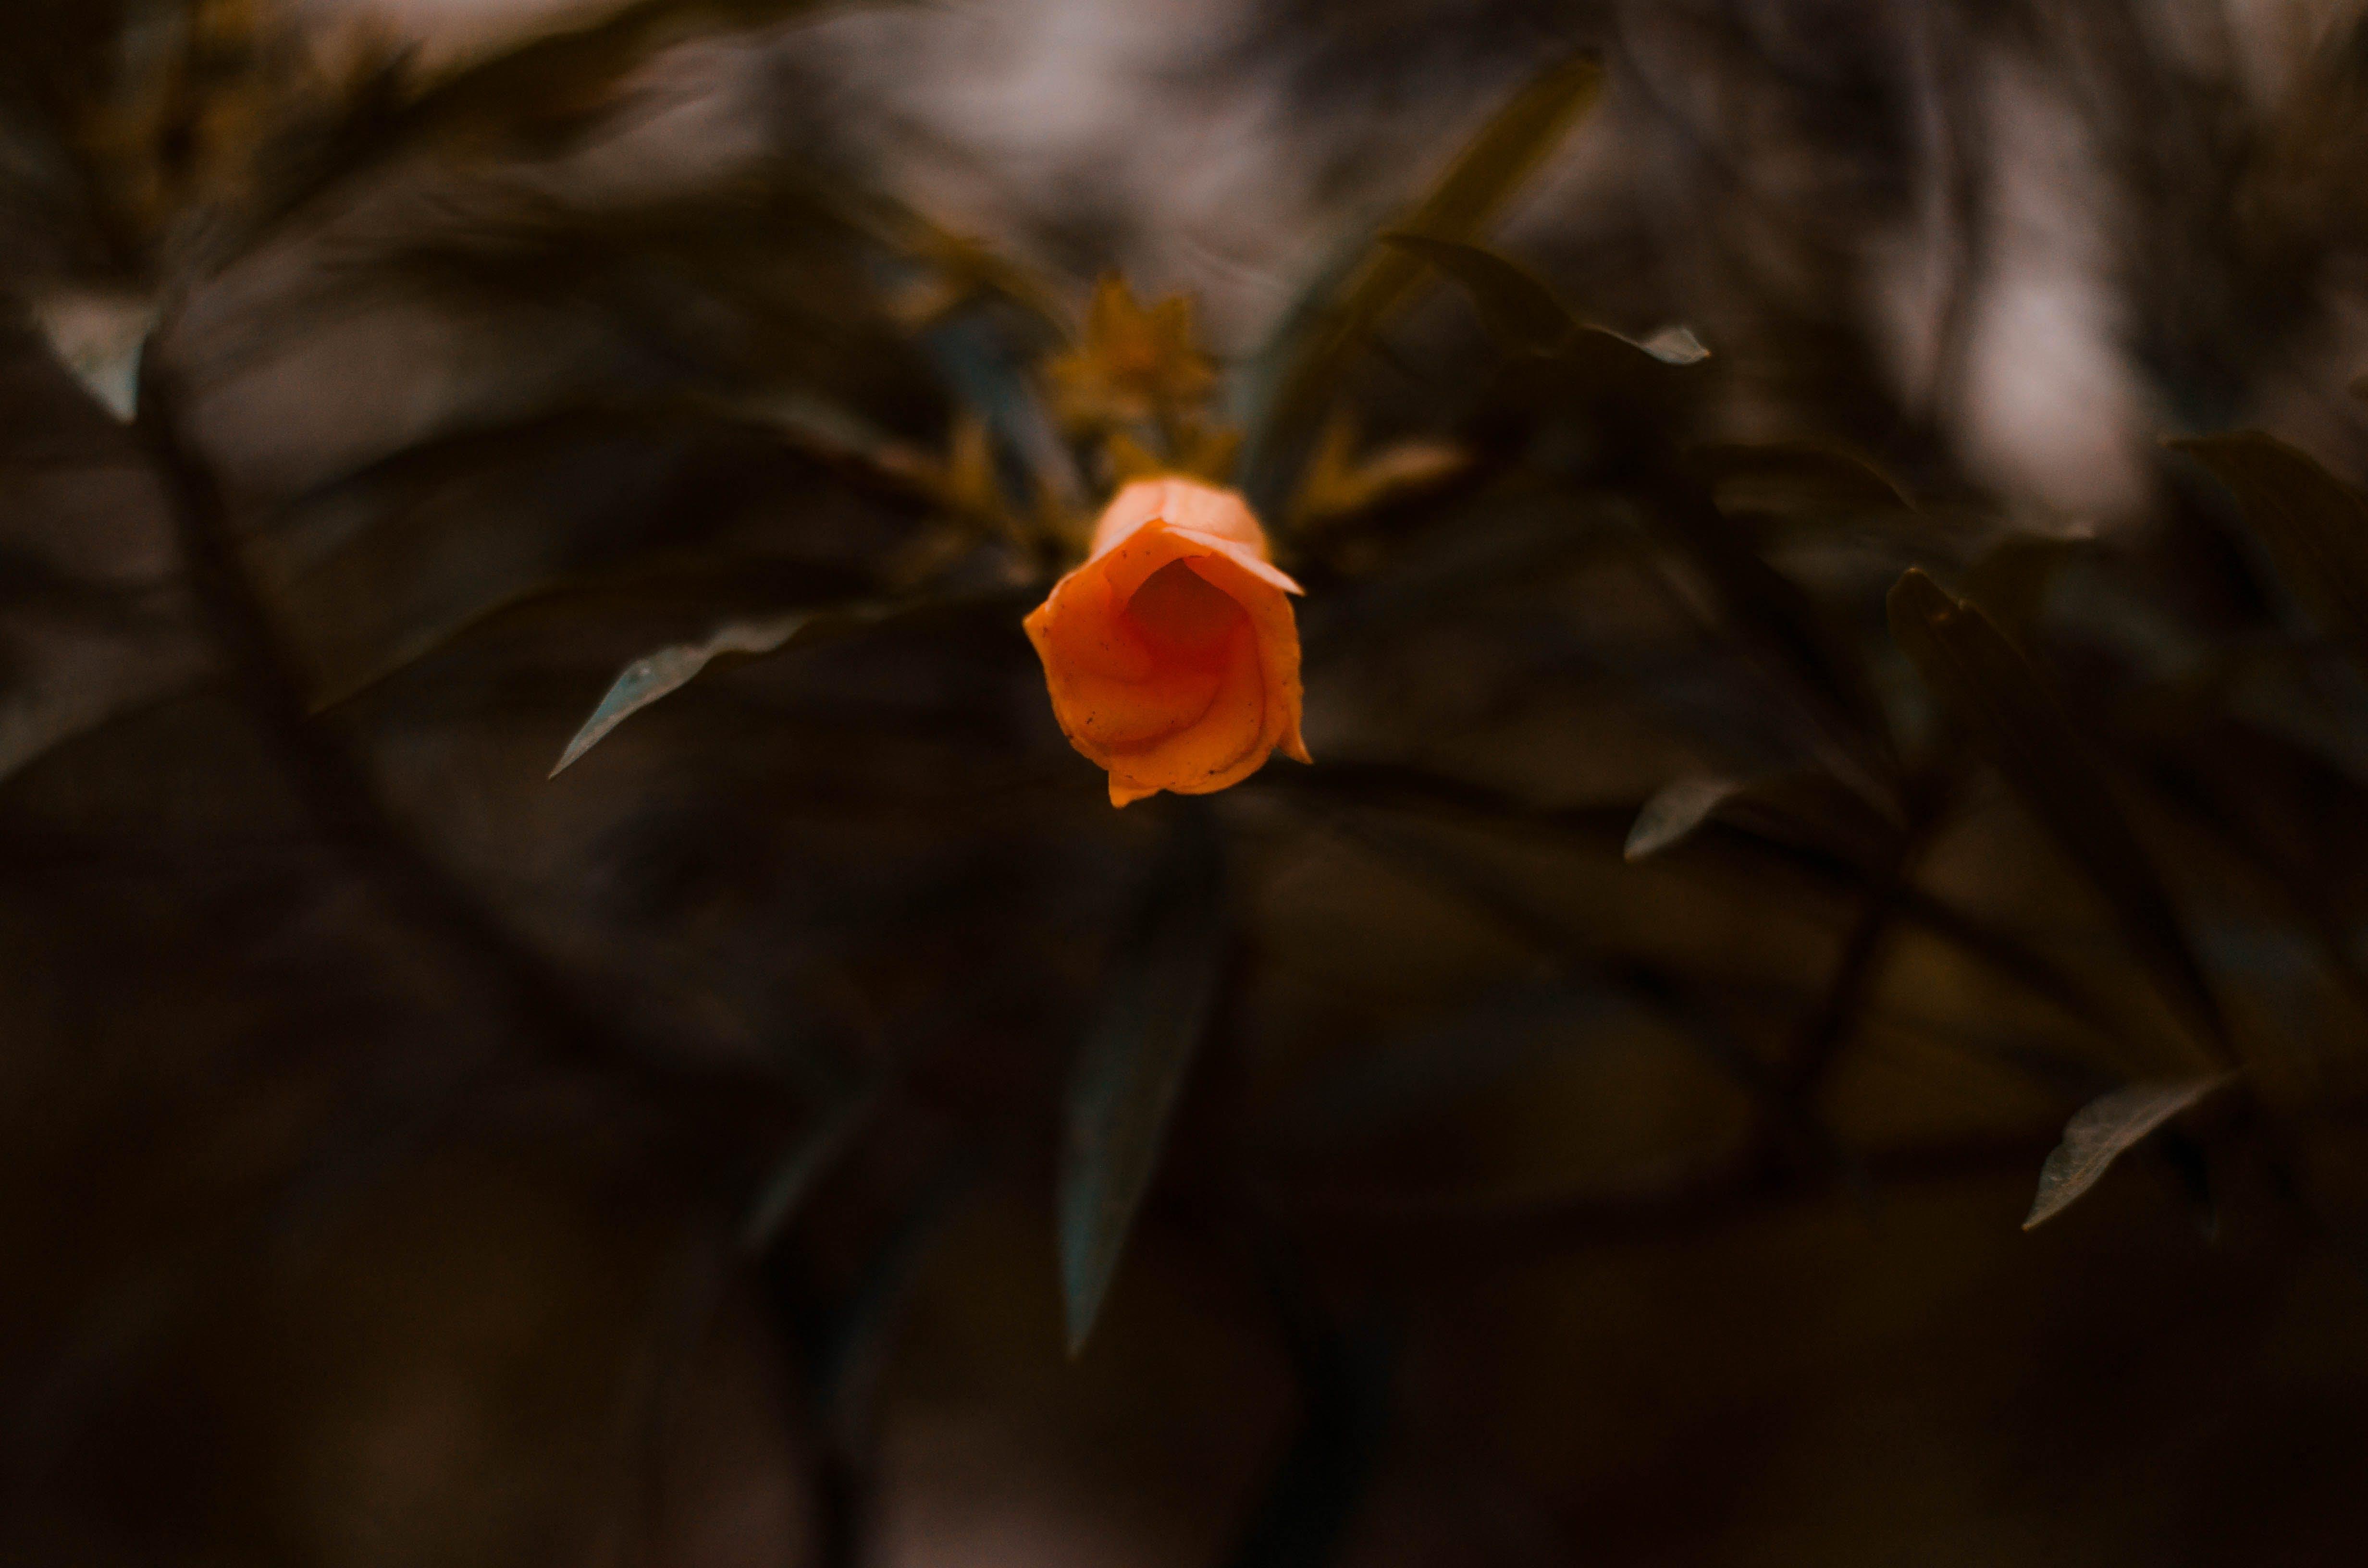 Δωρεάν στοκ φωτογραφιών με άνοιξη, ανοιξιάτικο λουλούδι, ιαματική πηγή, λουλούδι